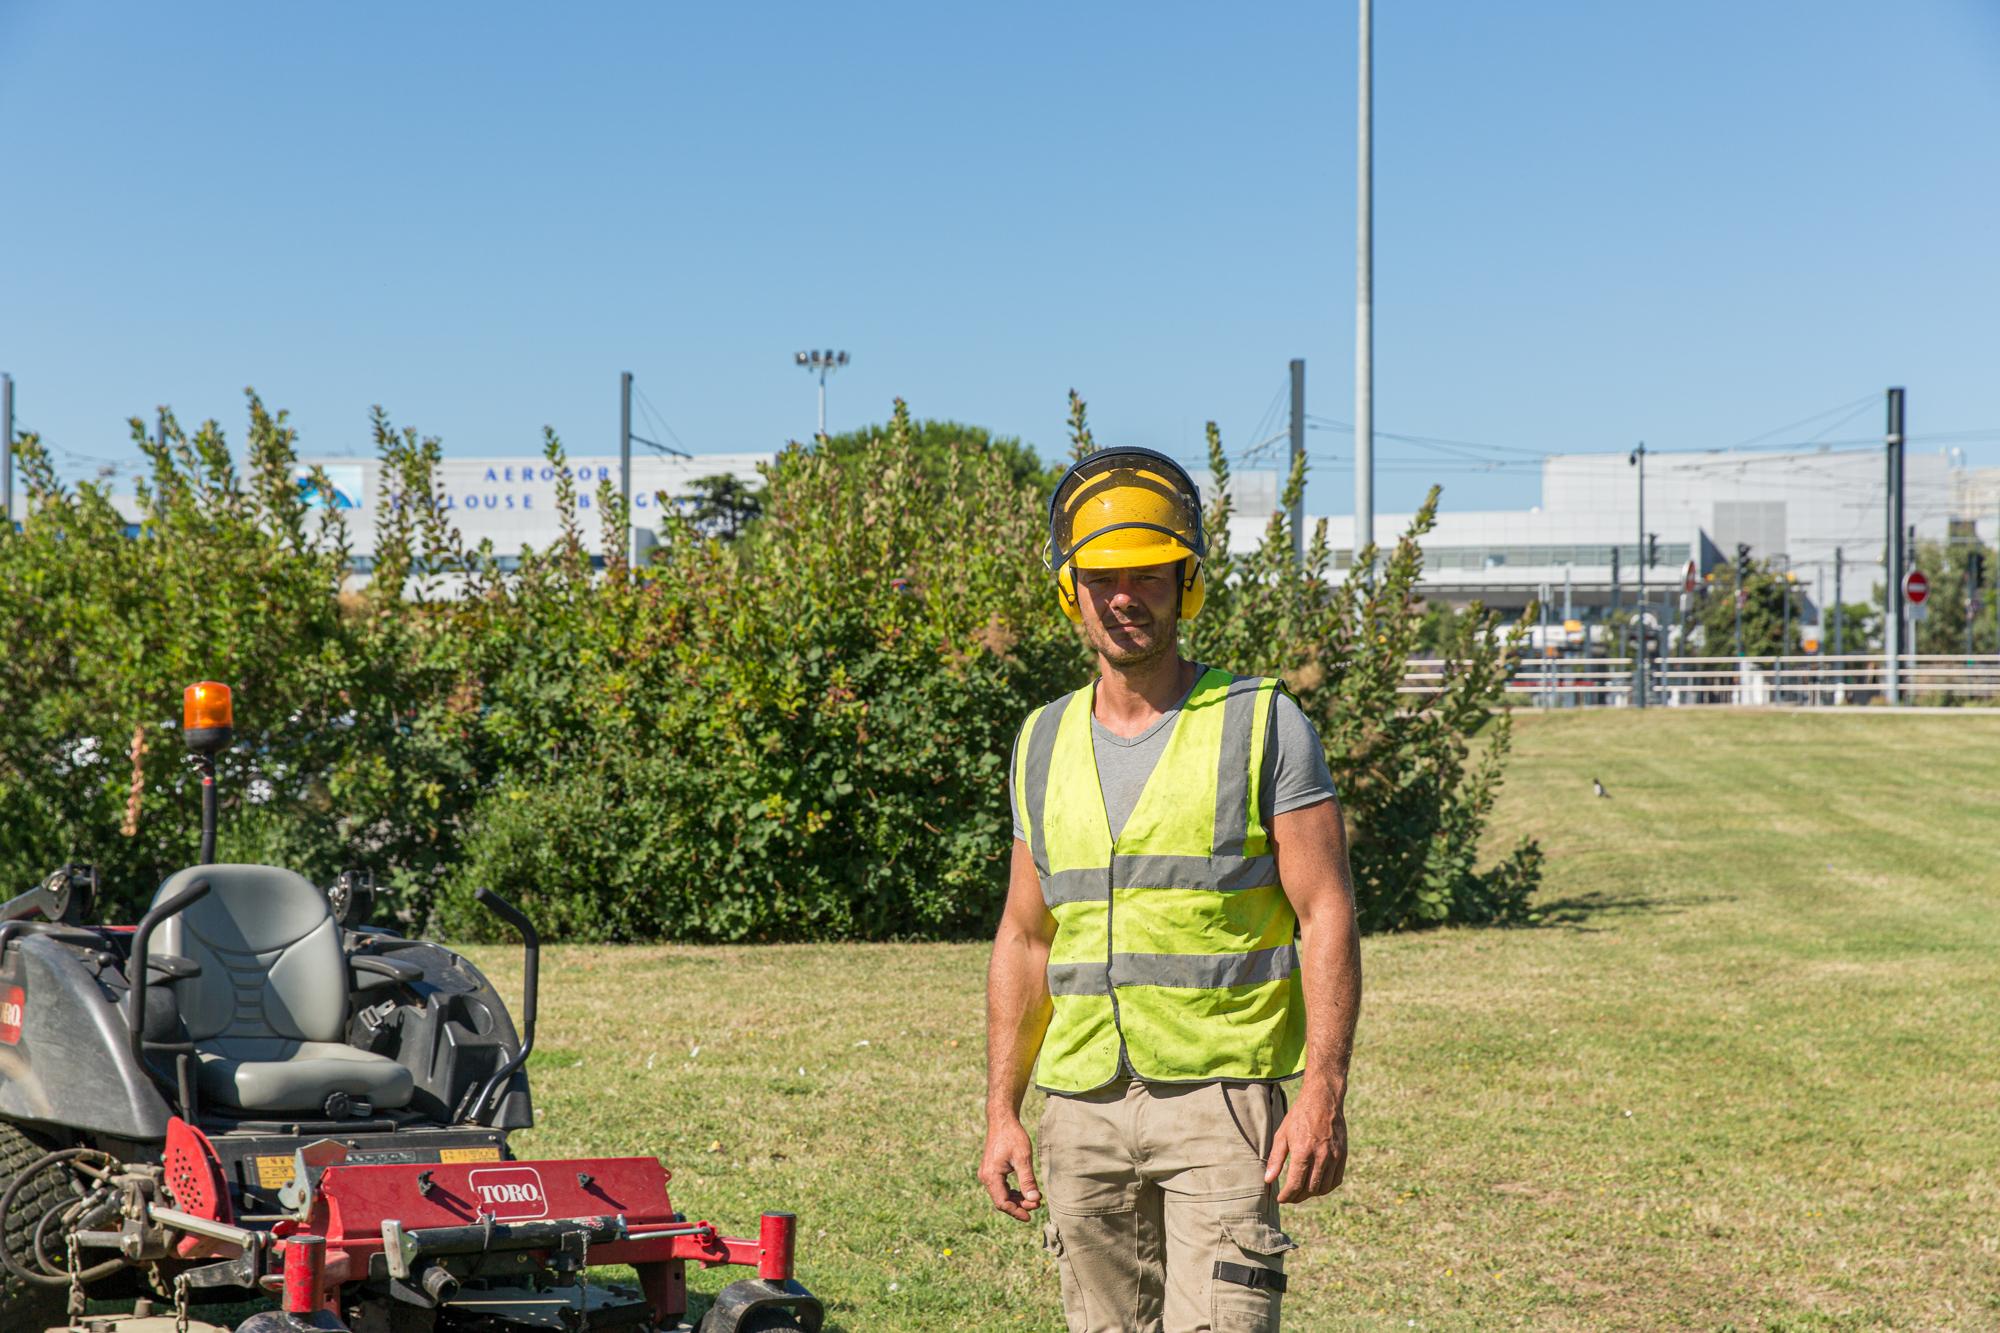 Un employé se tient  à côte de la tondeuse autoporté pour un portrait. On aperçoit l'aéroport de Toulouse Blagnac en arrière plan